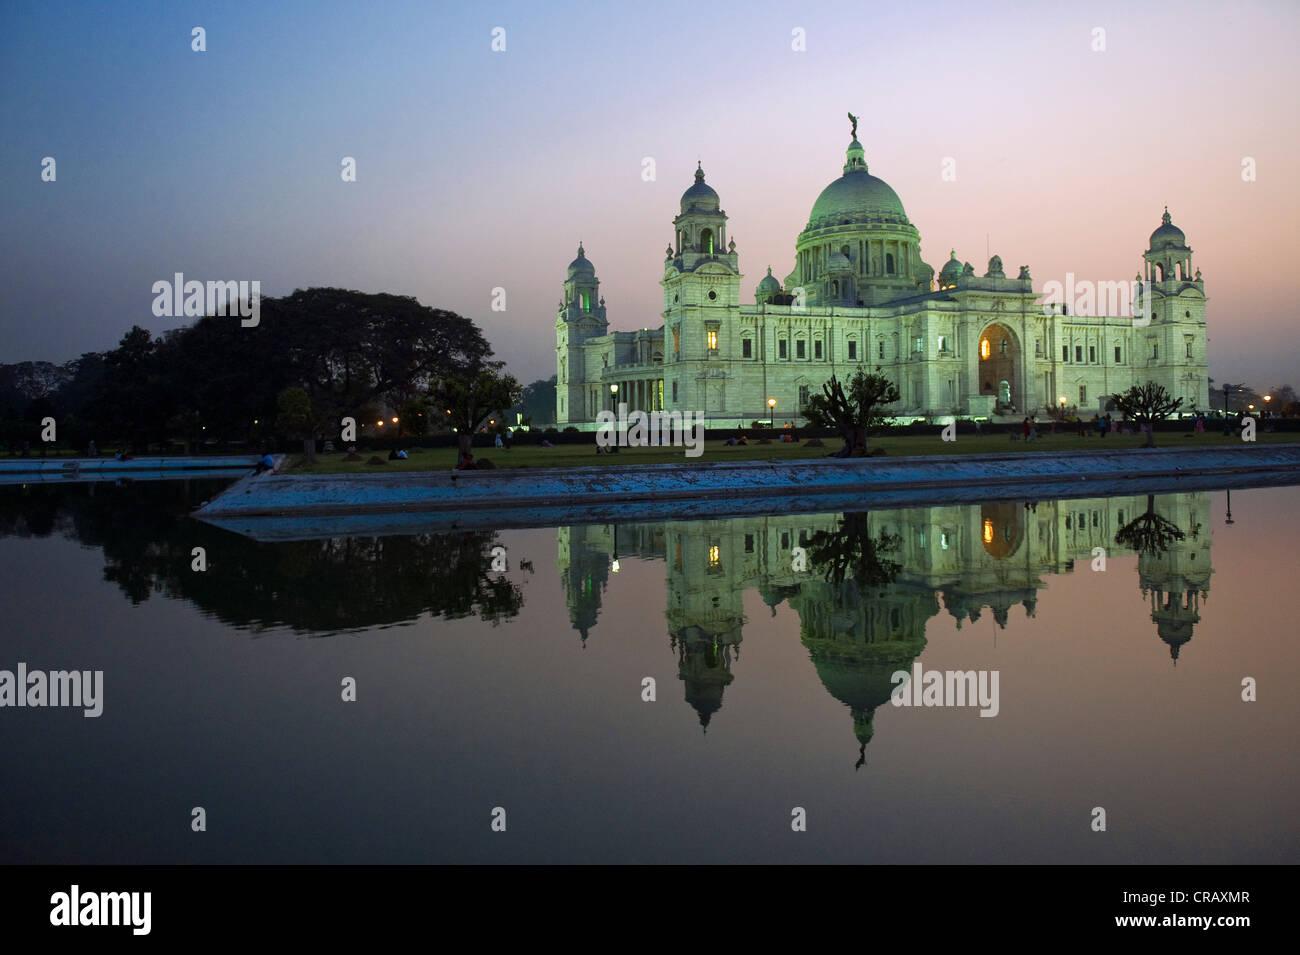 Queen Victoria Memorial, museum, Calcutta or Kolkata, West Bengal, India, Asia - Stock Image